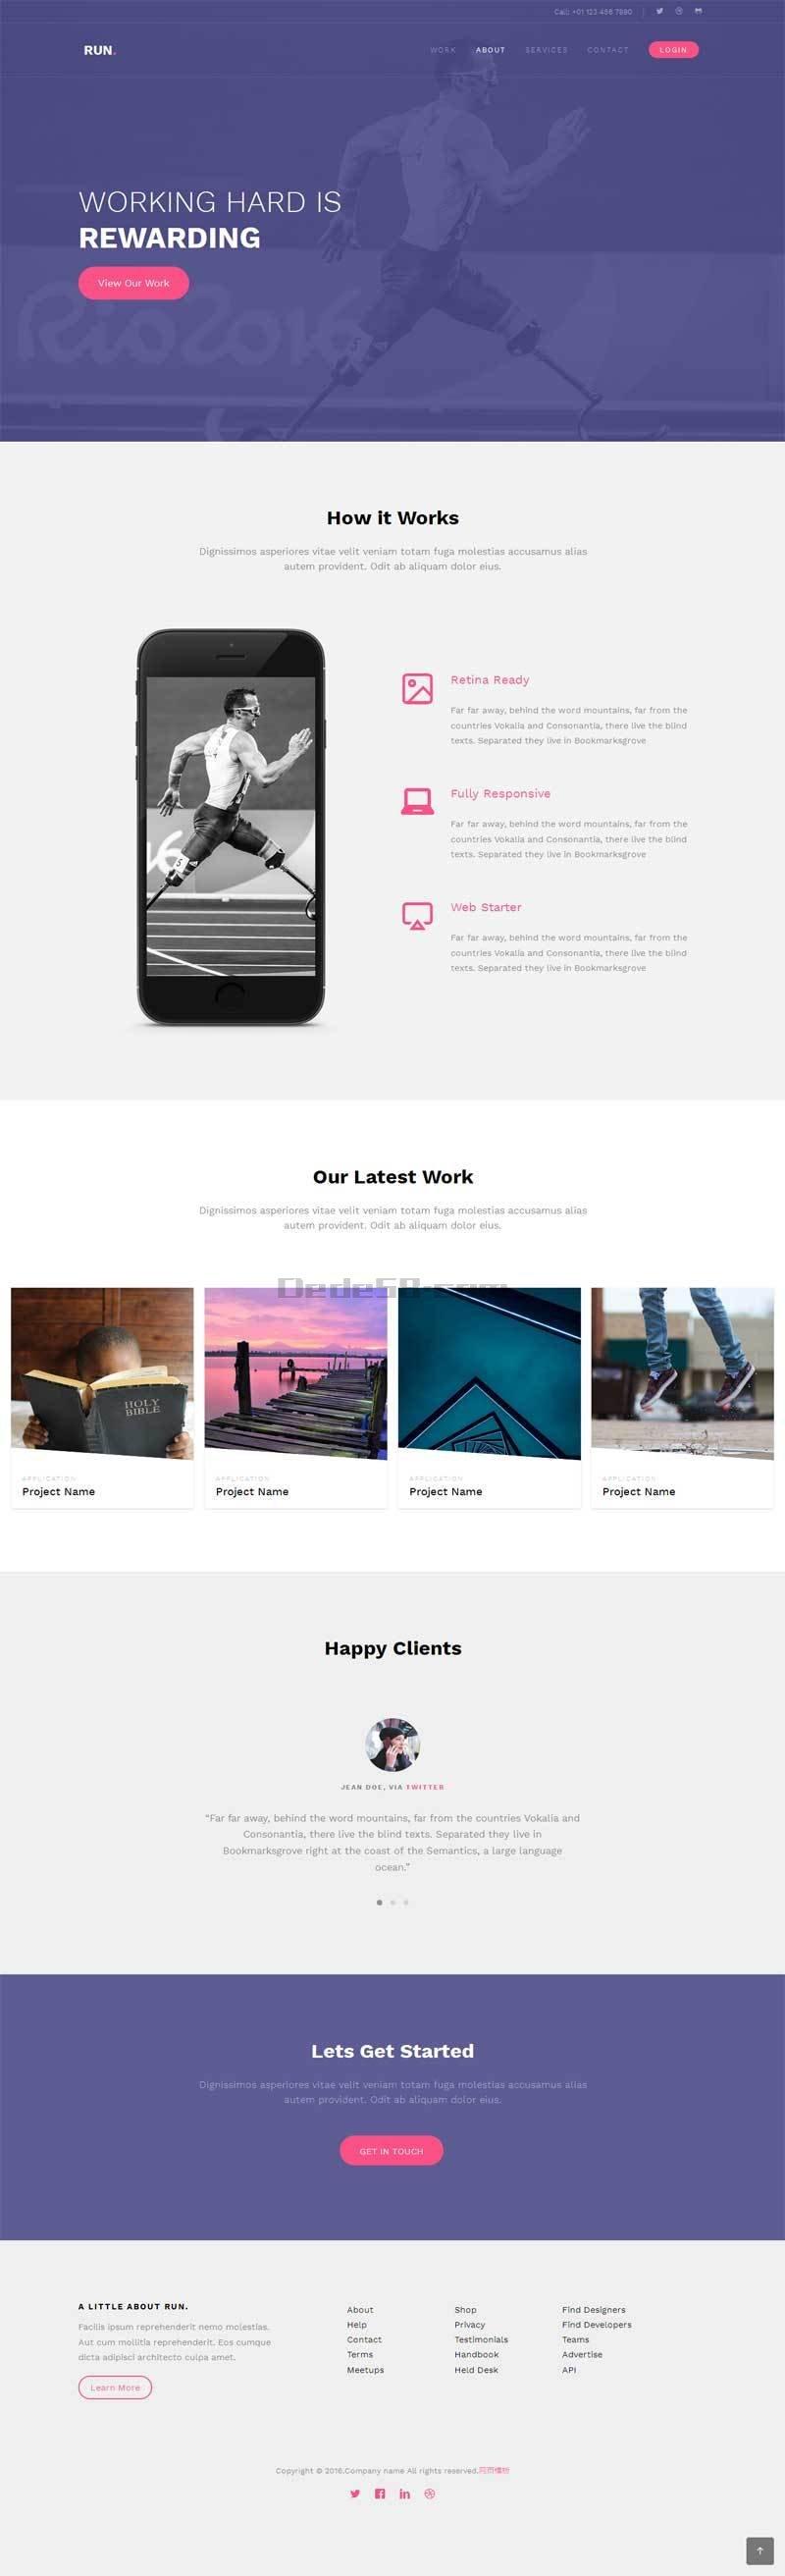 手机运动app软件公司html5网页模板下载